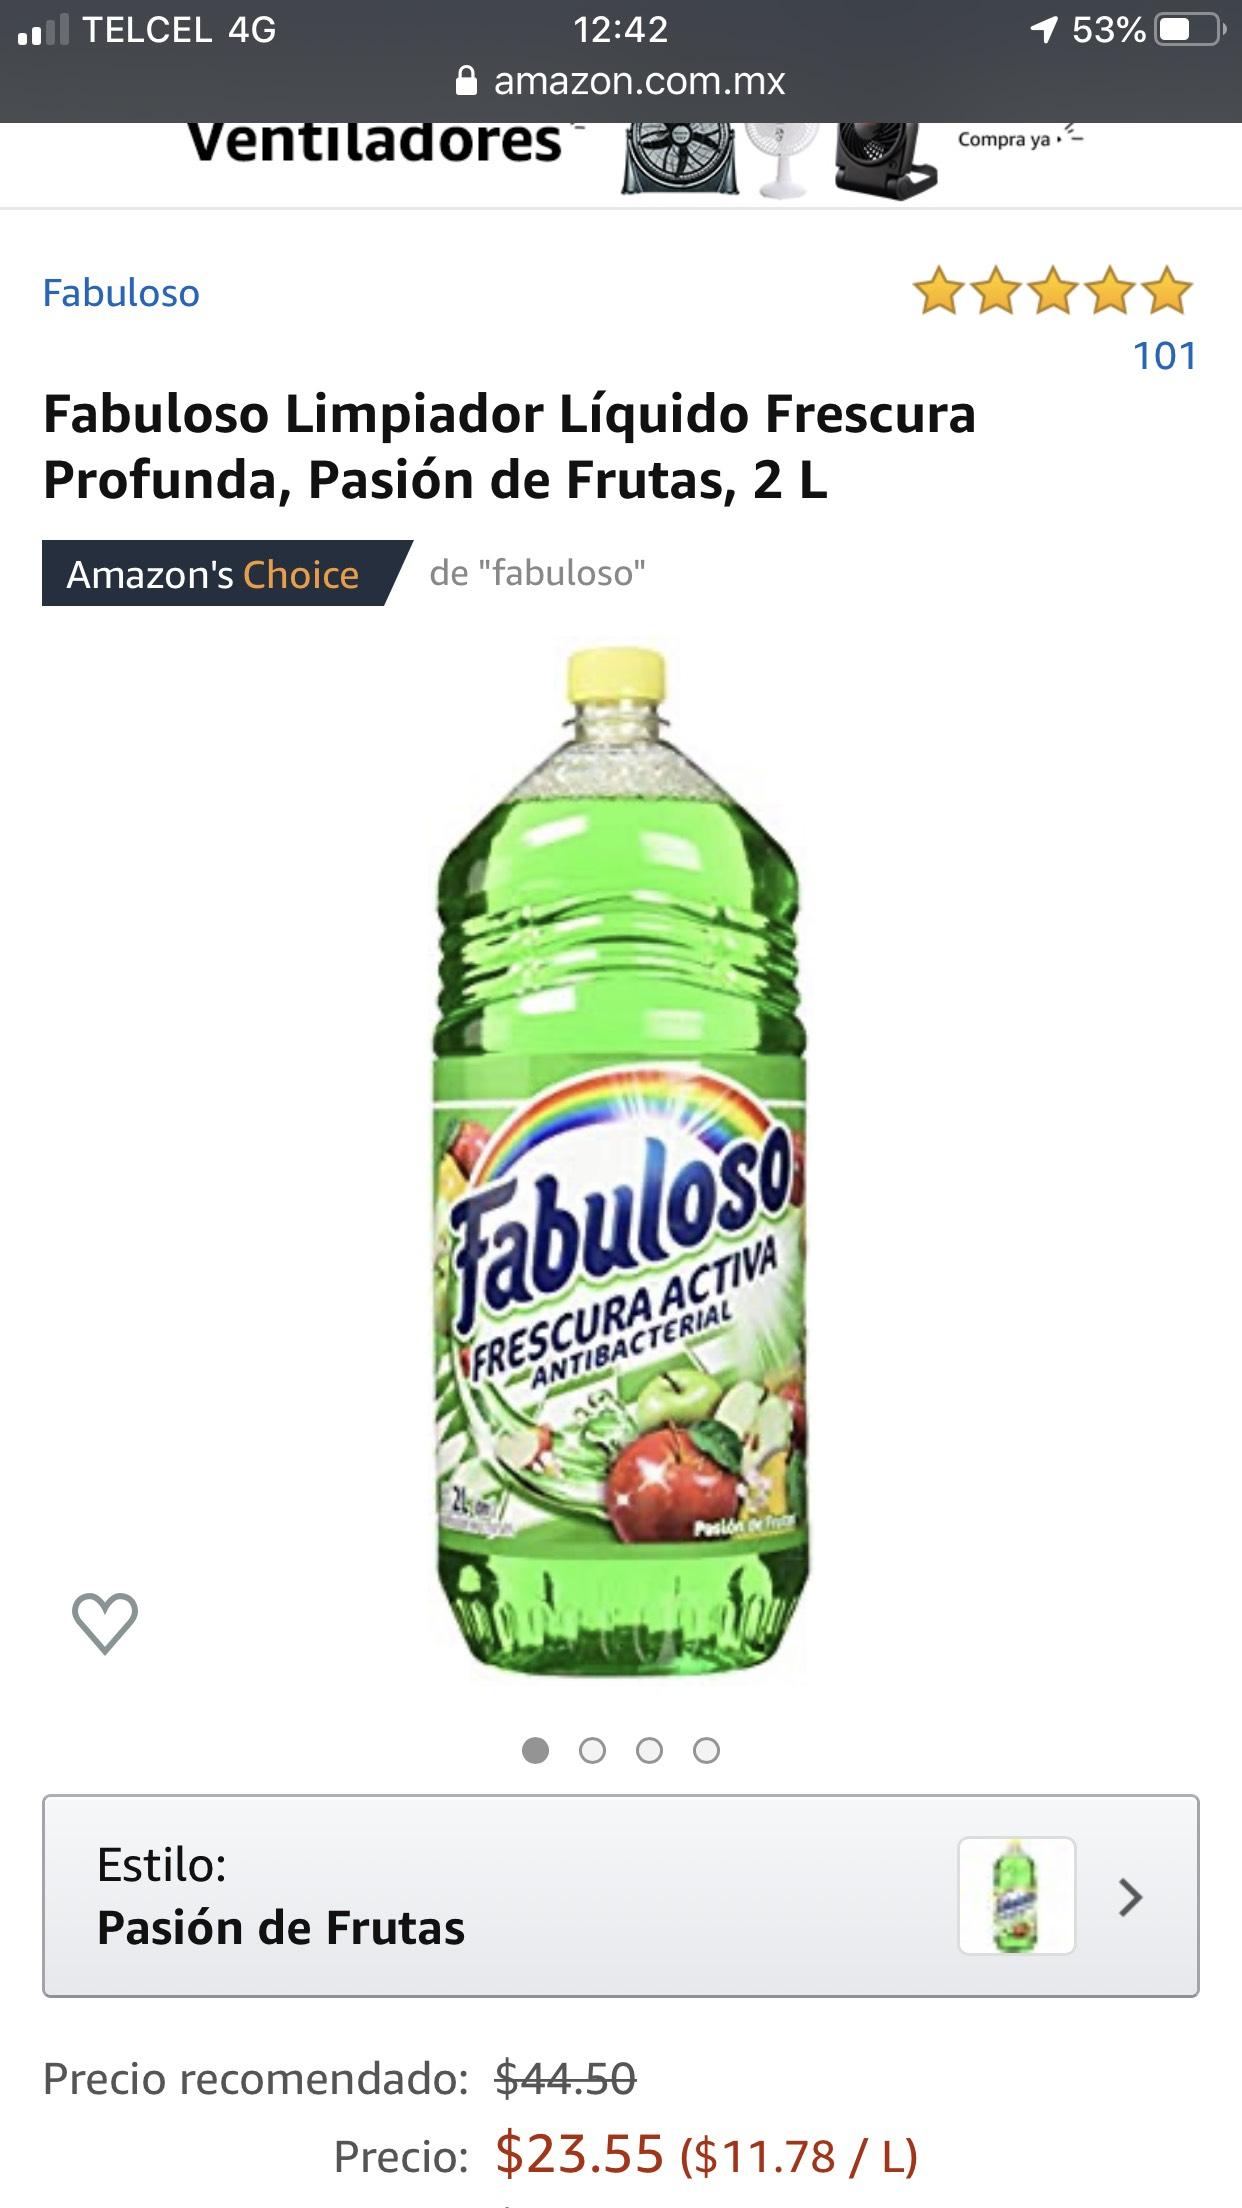 Amazon Fabuloso 2 L Pasión de Frutas comprando 4